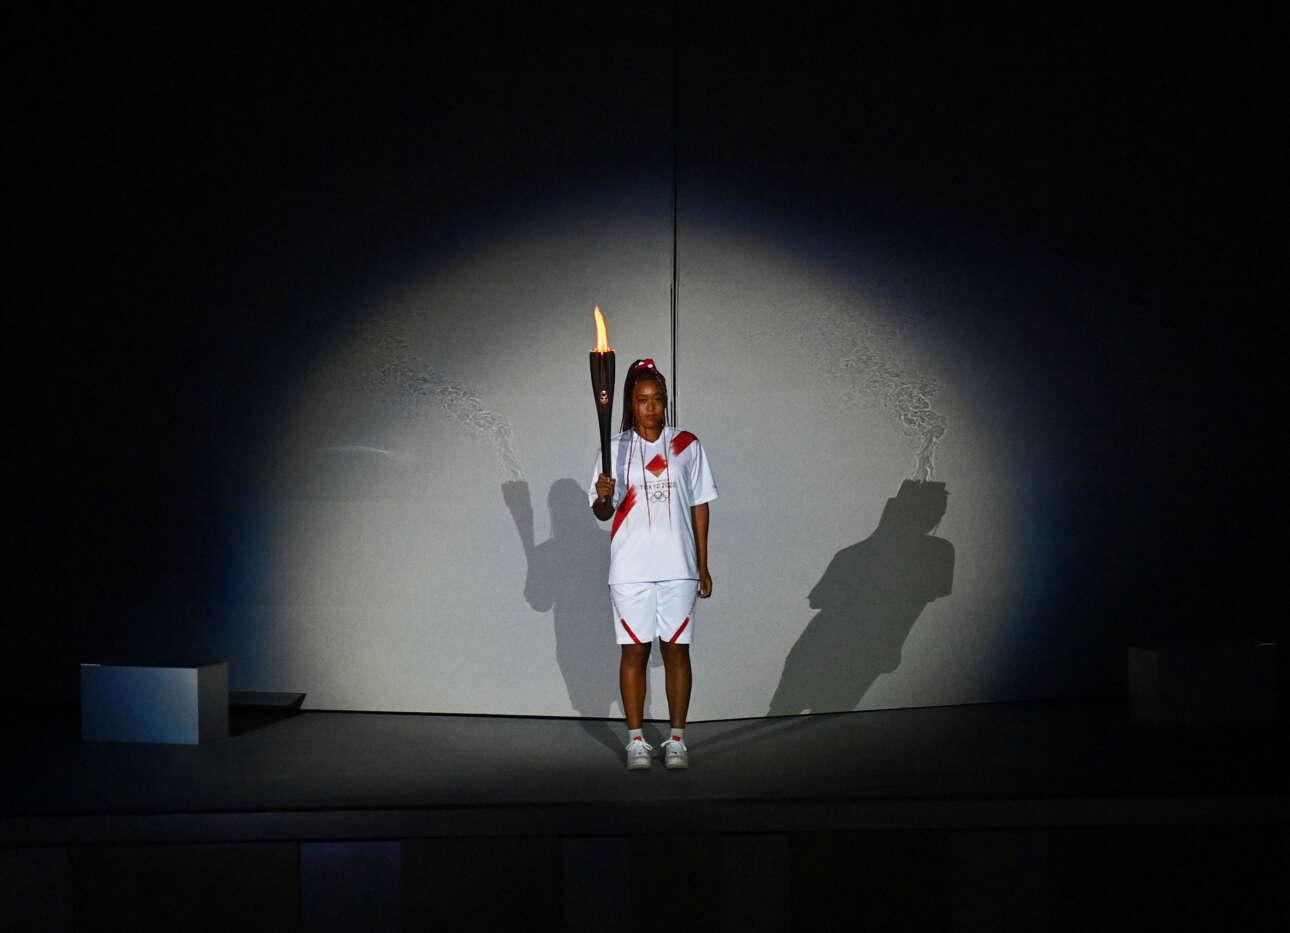 Η Ναόμι Οσάκα, η τενίστρια που τόσα υπέφερε και έφτασε να αποκλειστεί από το Ρολάν Γκαρός, επελέγη για να είναι η τελευταία λαμπαδηδρόμος και να ανάψει τον βωμό στο Ολυμπιακό Στάδιο